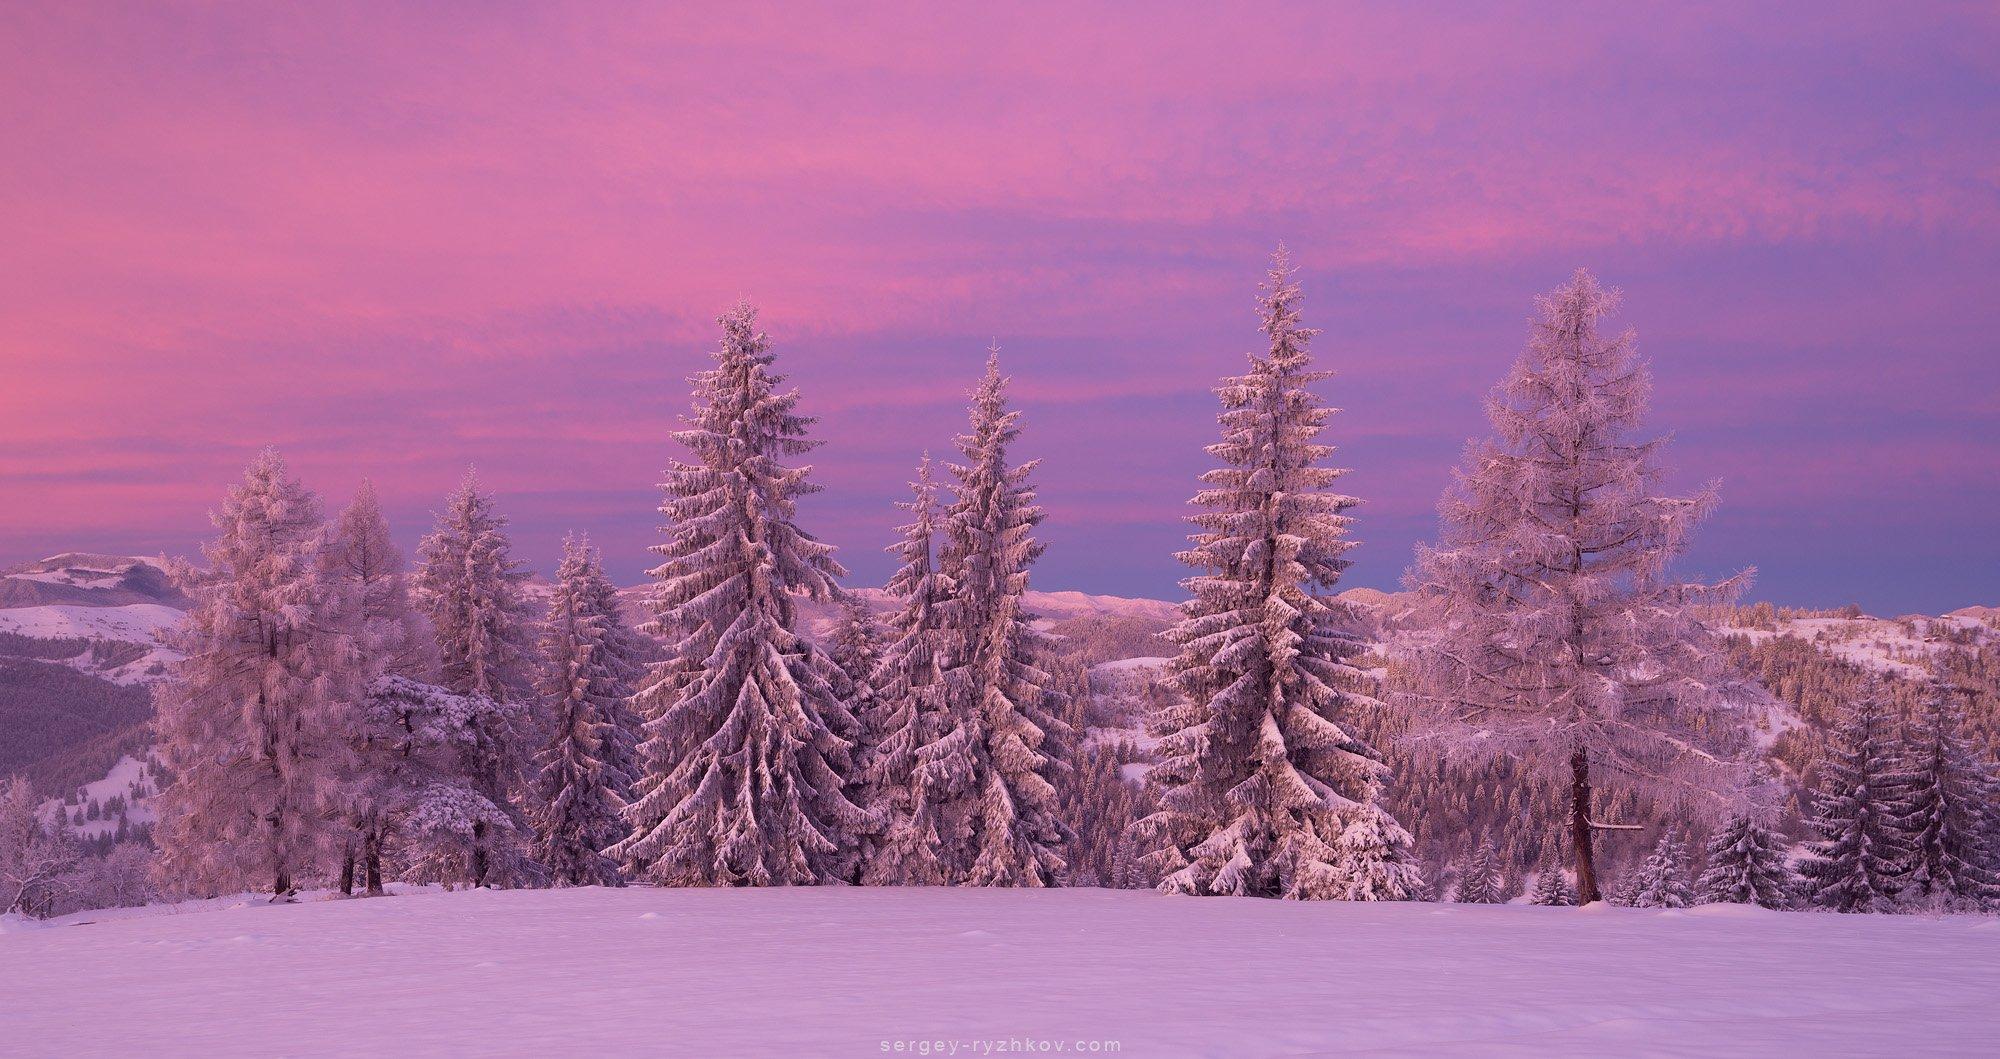 карпаты, горы, украина, пейзаж, зима, лес, снег, winter, mountains, carpathians, ukraine, nature, snow, landscape,, Сергей Рыжков